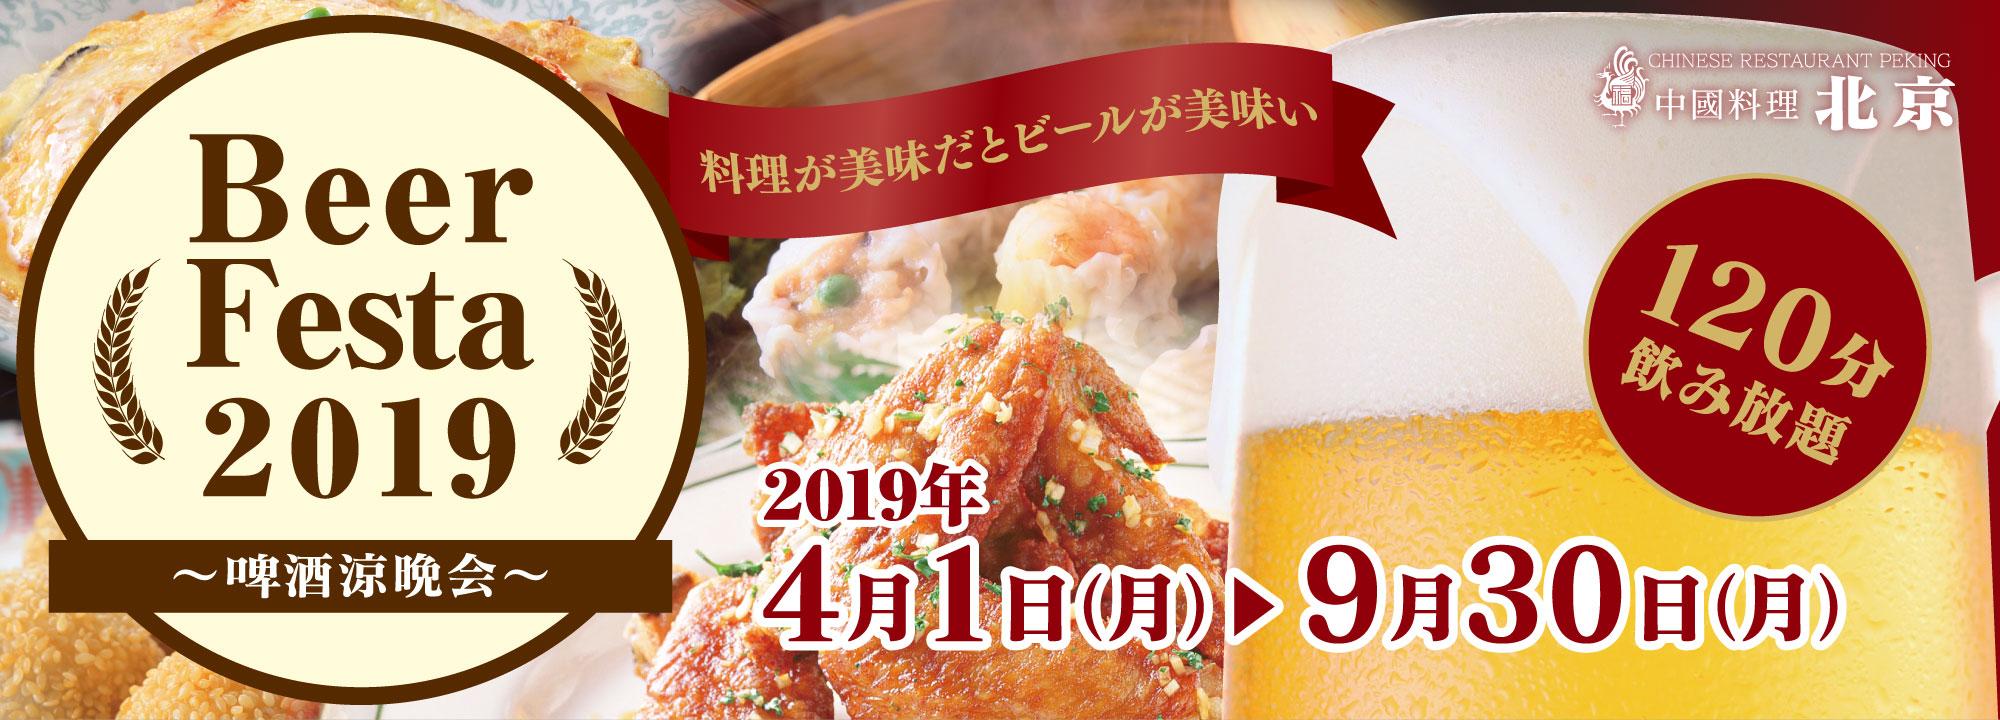 中國料理 北京 ビアフェスタ 2019